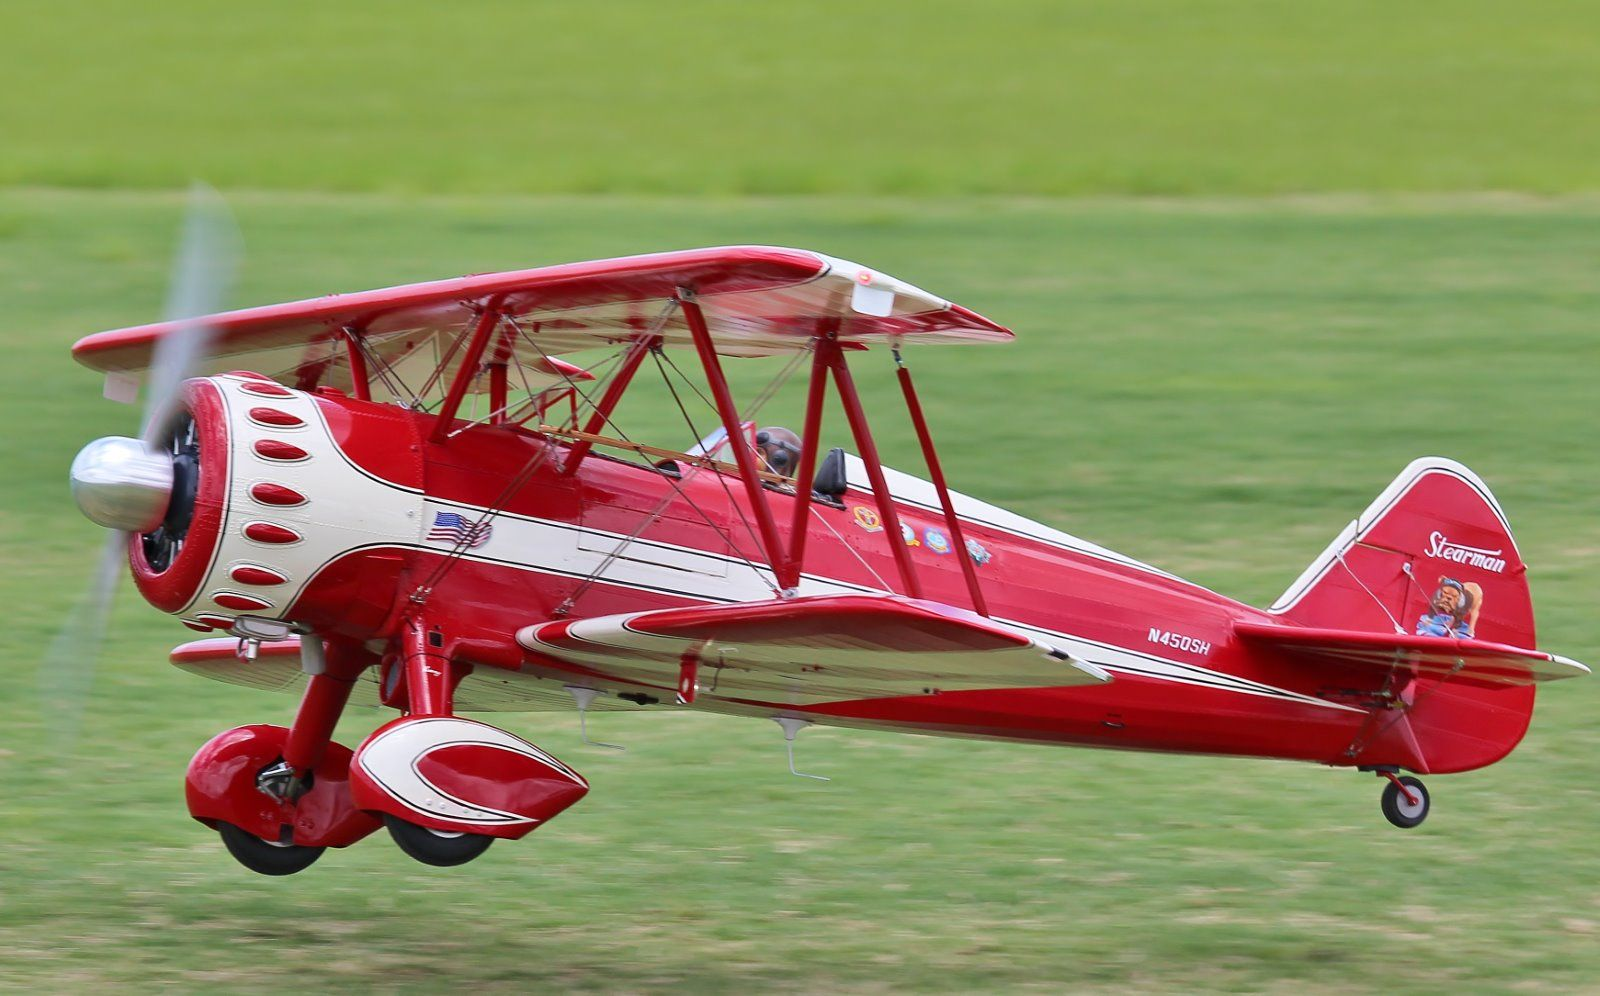 Best Looking Biplanes Google Search Airplane News Biplane Vintage Model Airplanes